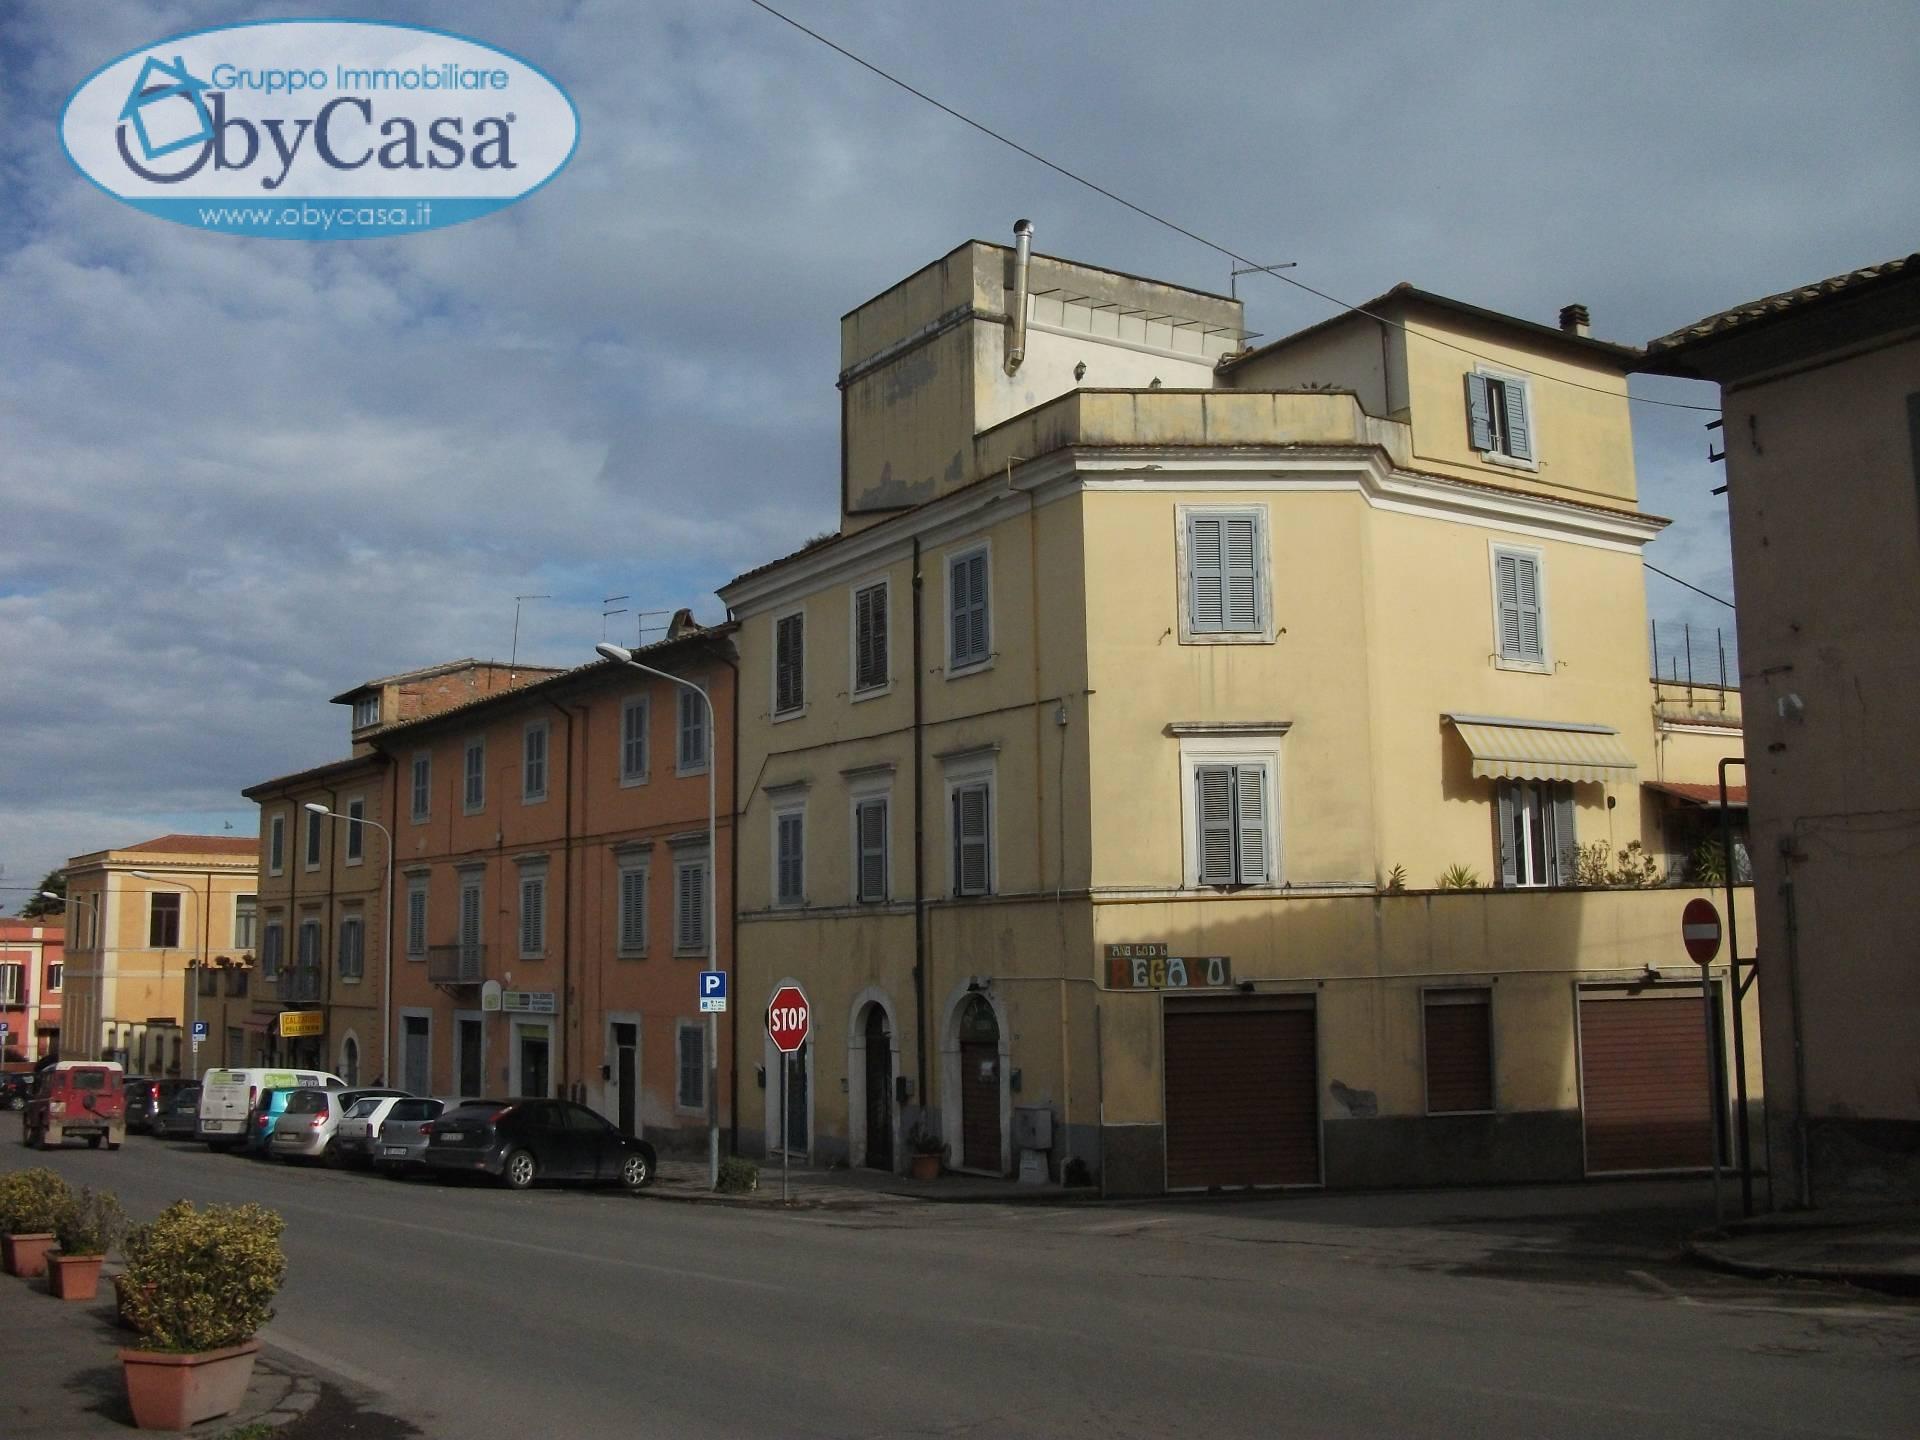 Soluzione Indipendente in affitto a Oriolo Romano, 2 locali, prezzo € 450 | Cambio Casa.it